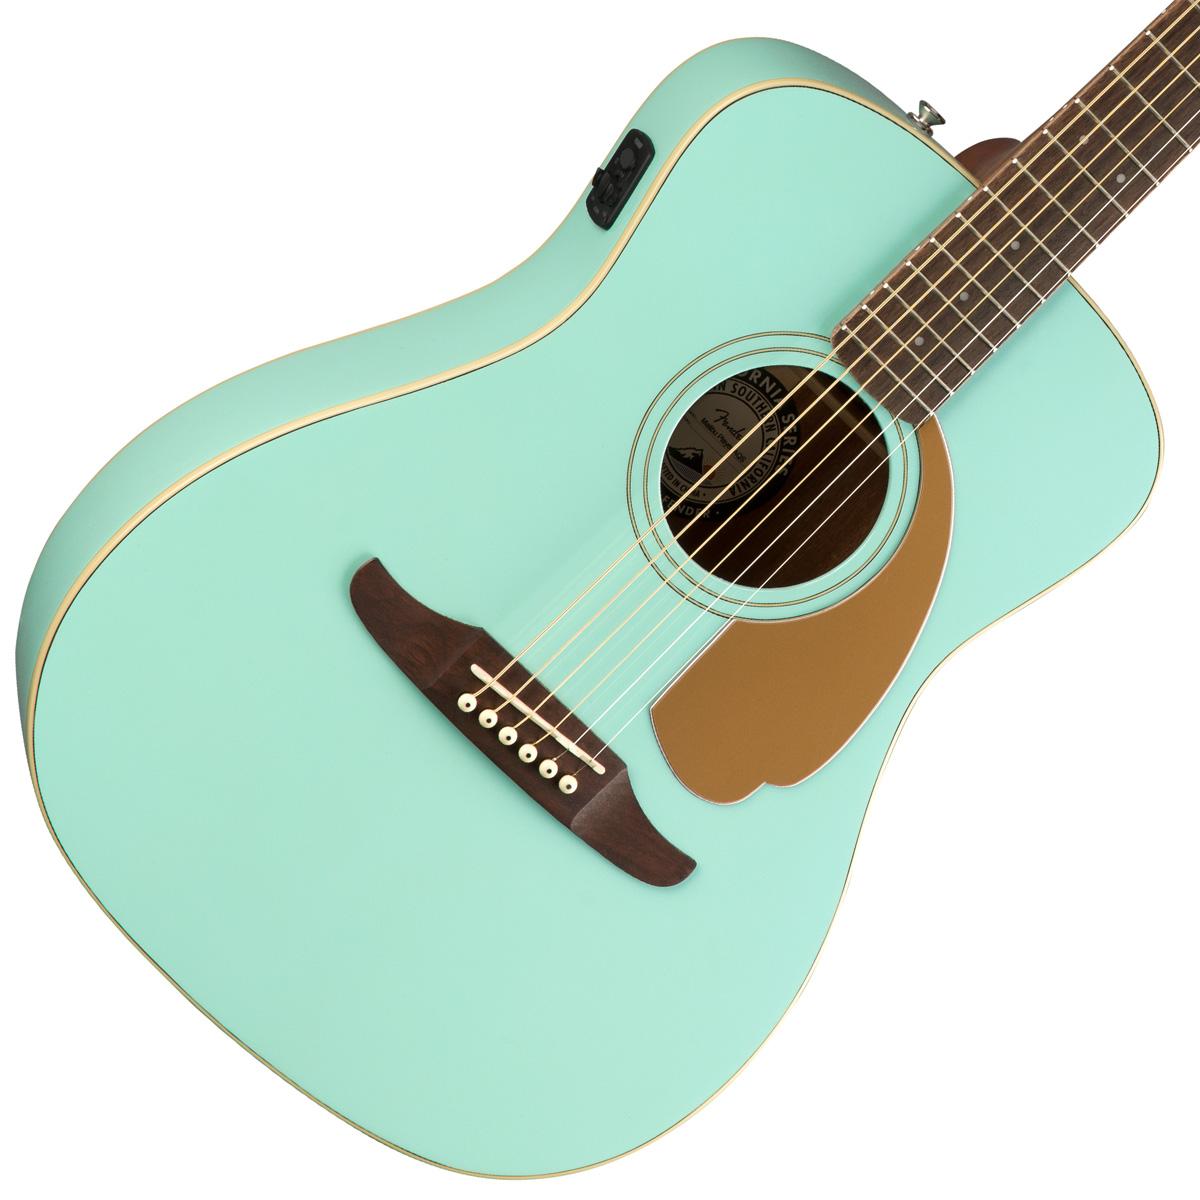 【タイムセール:29日12時まで】FENDER / MALIBU PLAYER AQUA SPLASH (AQS)【CALIFORNIA SERIES】アコースティックギター【YRK】【新品特価】